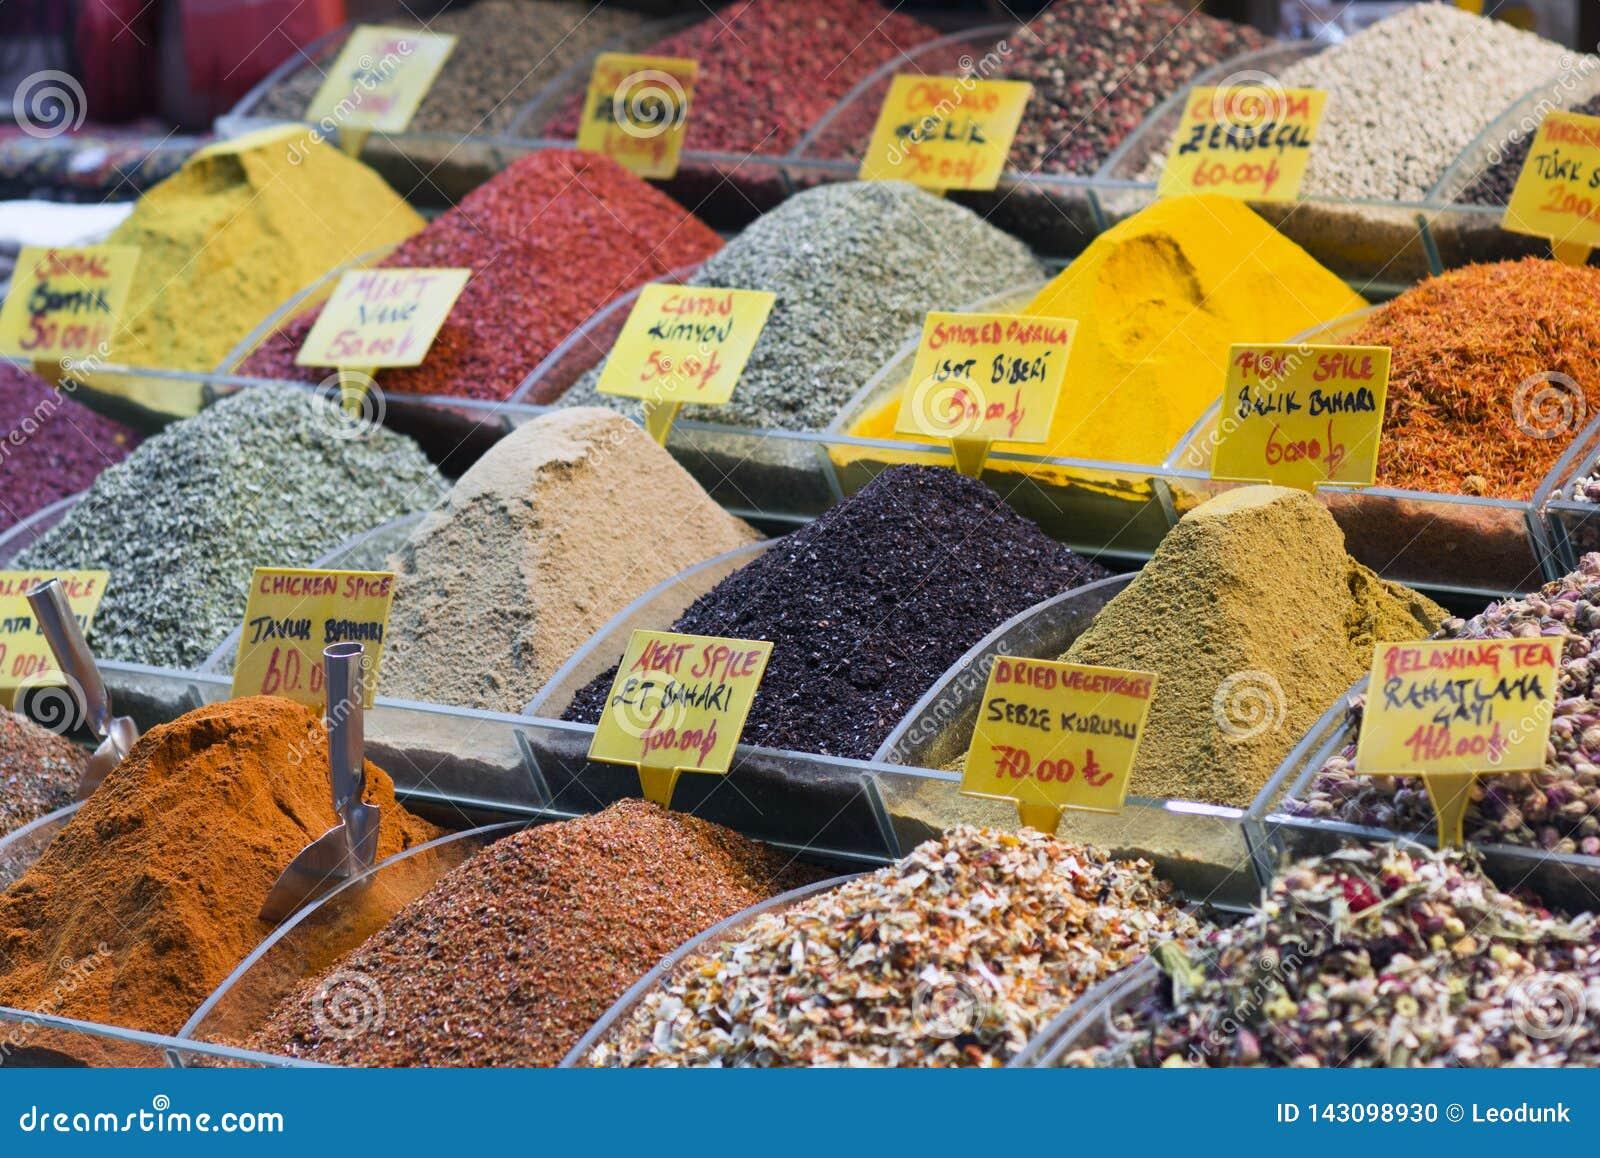 Μερικά τουρκικά καρυκεύματα στο μεγάλο καρύκευμα Bazaar Τα ζωηρόχρωμα καρυκεύματα στην πώληση ψωνίζουν στην αγορά καρυκευμάτων τη